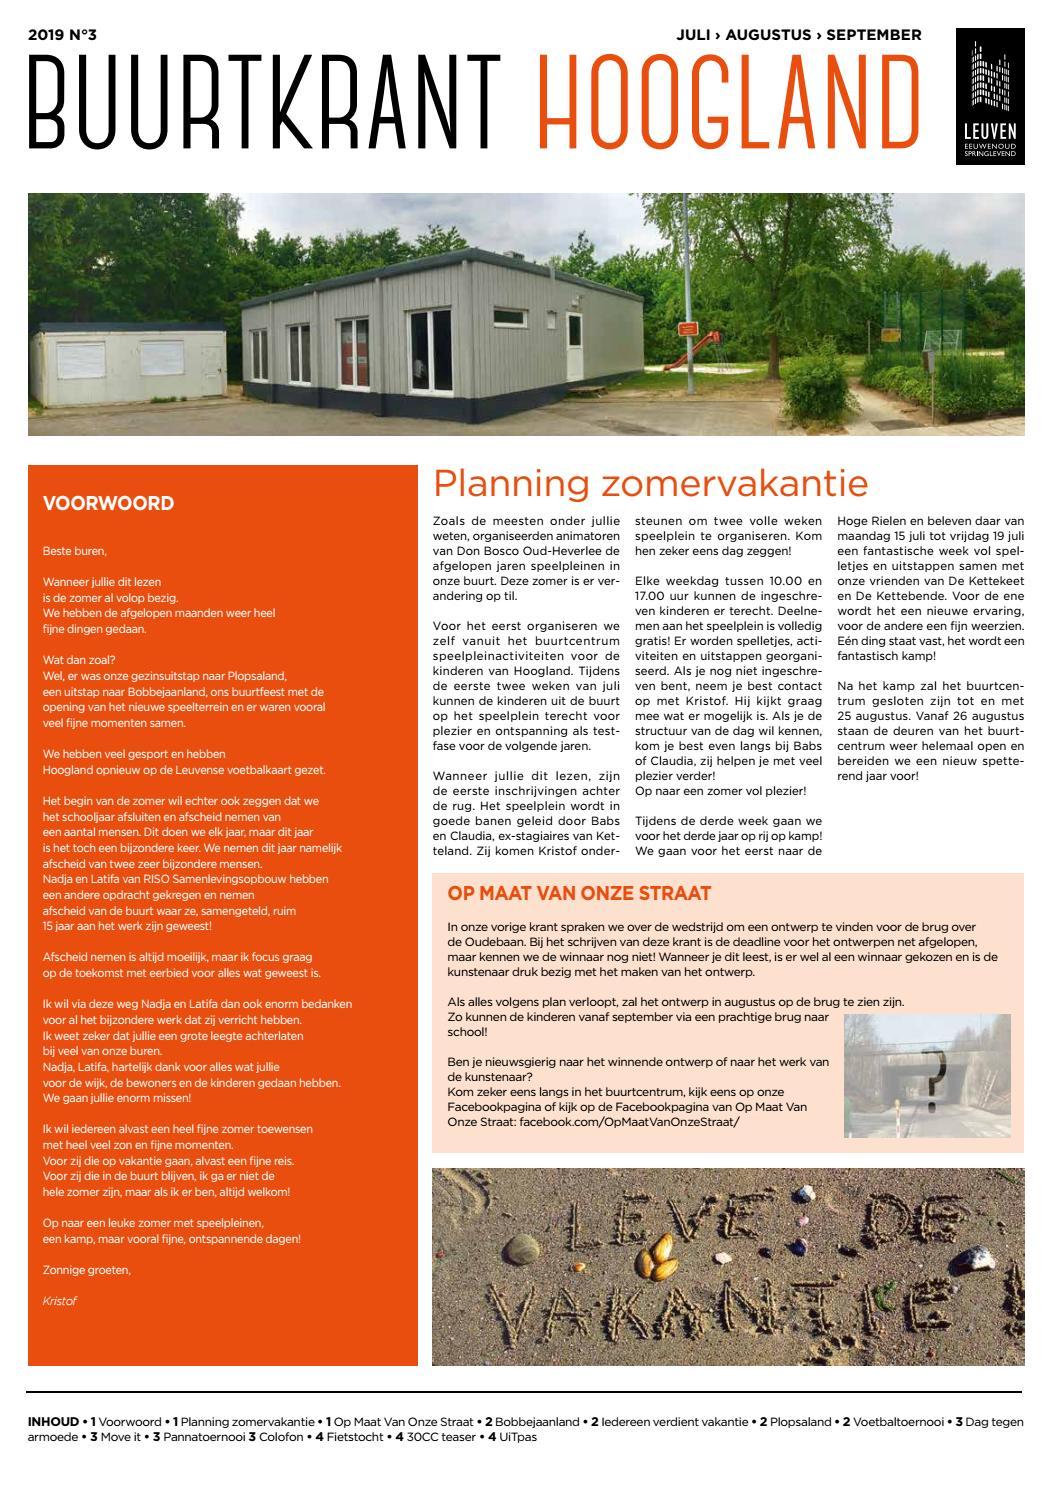 11ba2620930 Buurtkrant Hoogland - juli-augustus-september 2019 by Stad Leuven - issuu